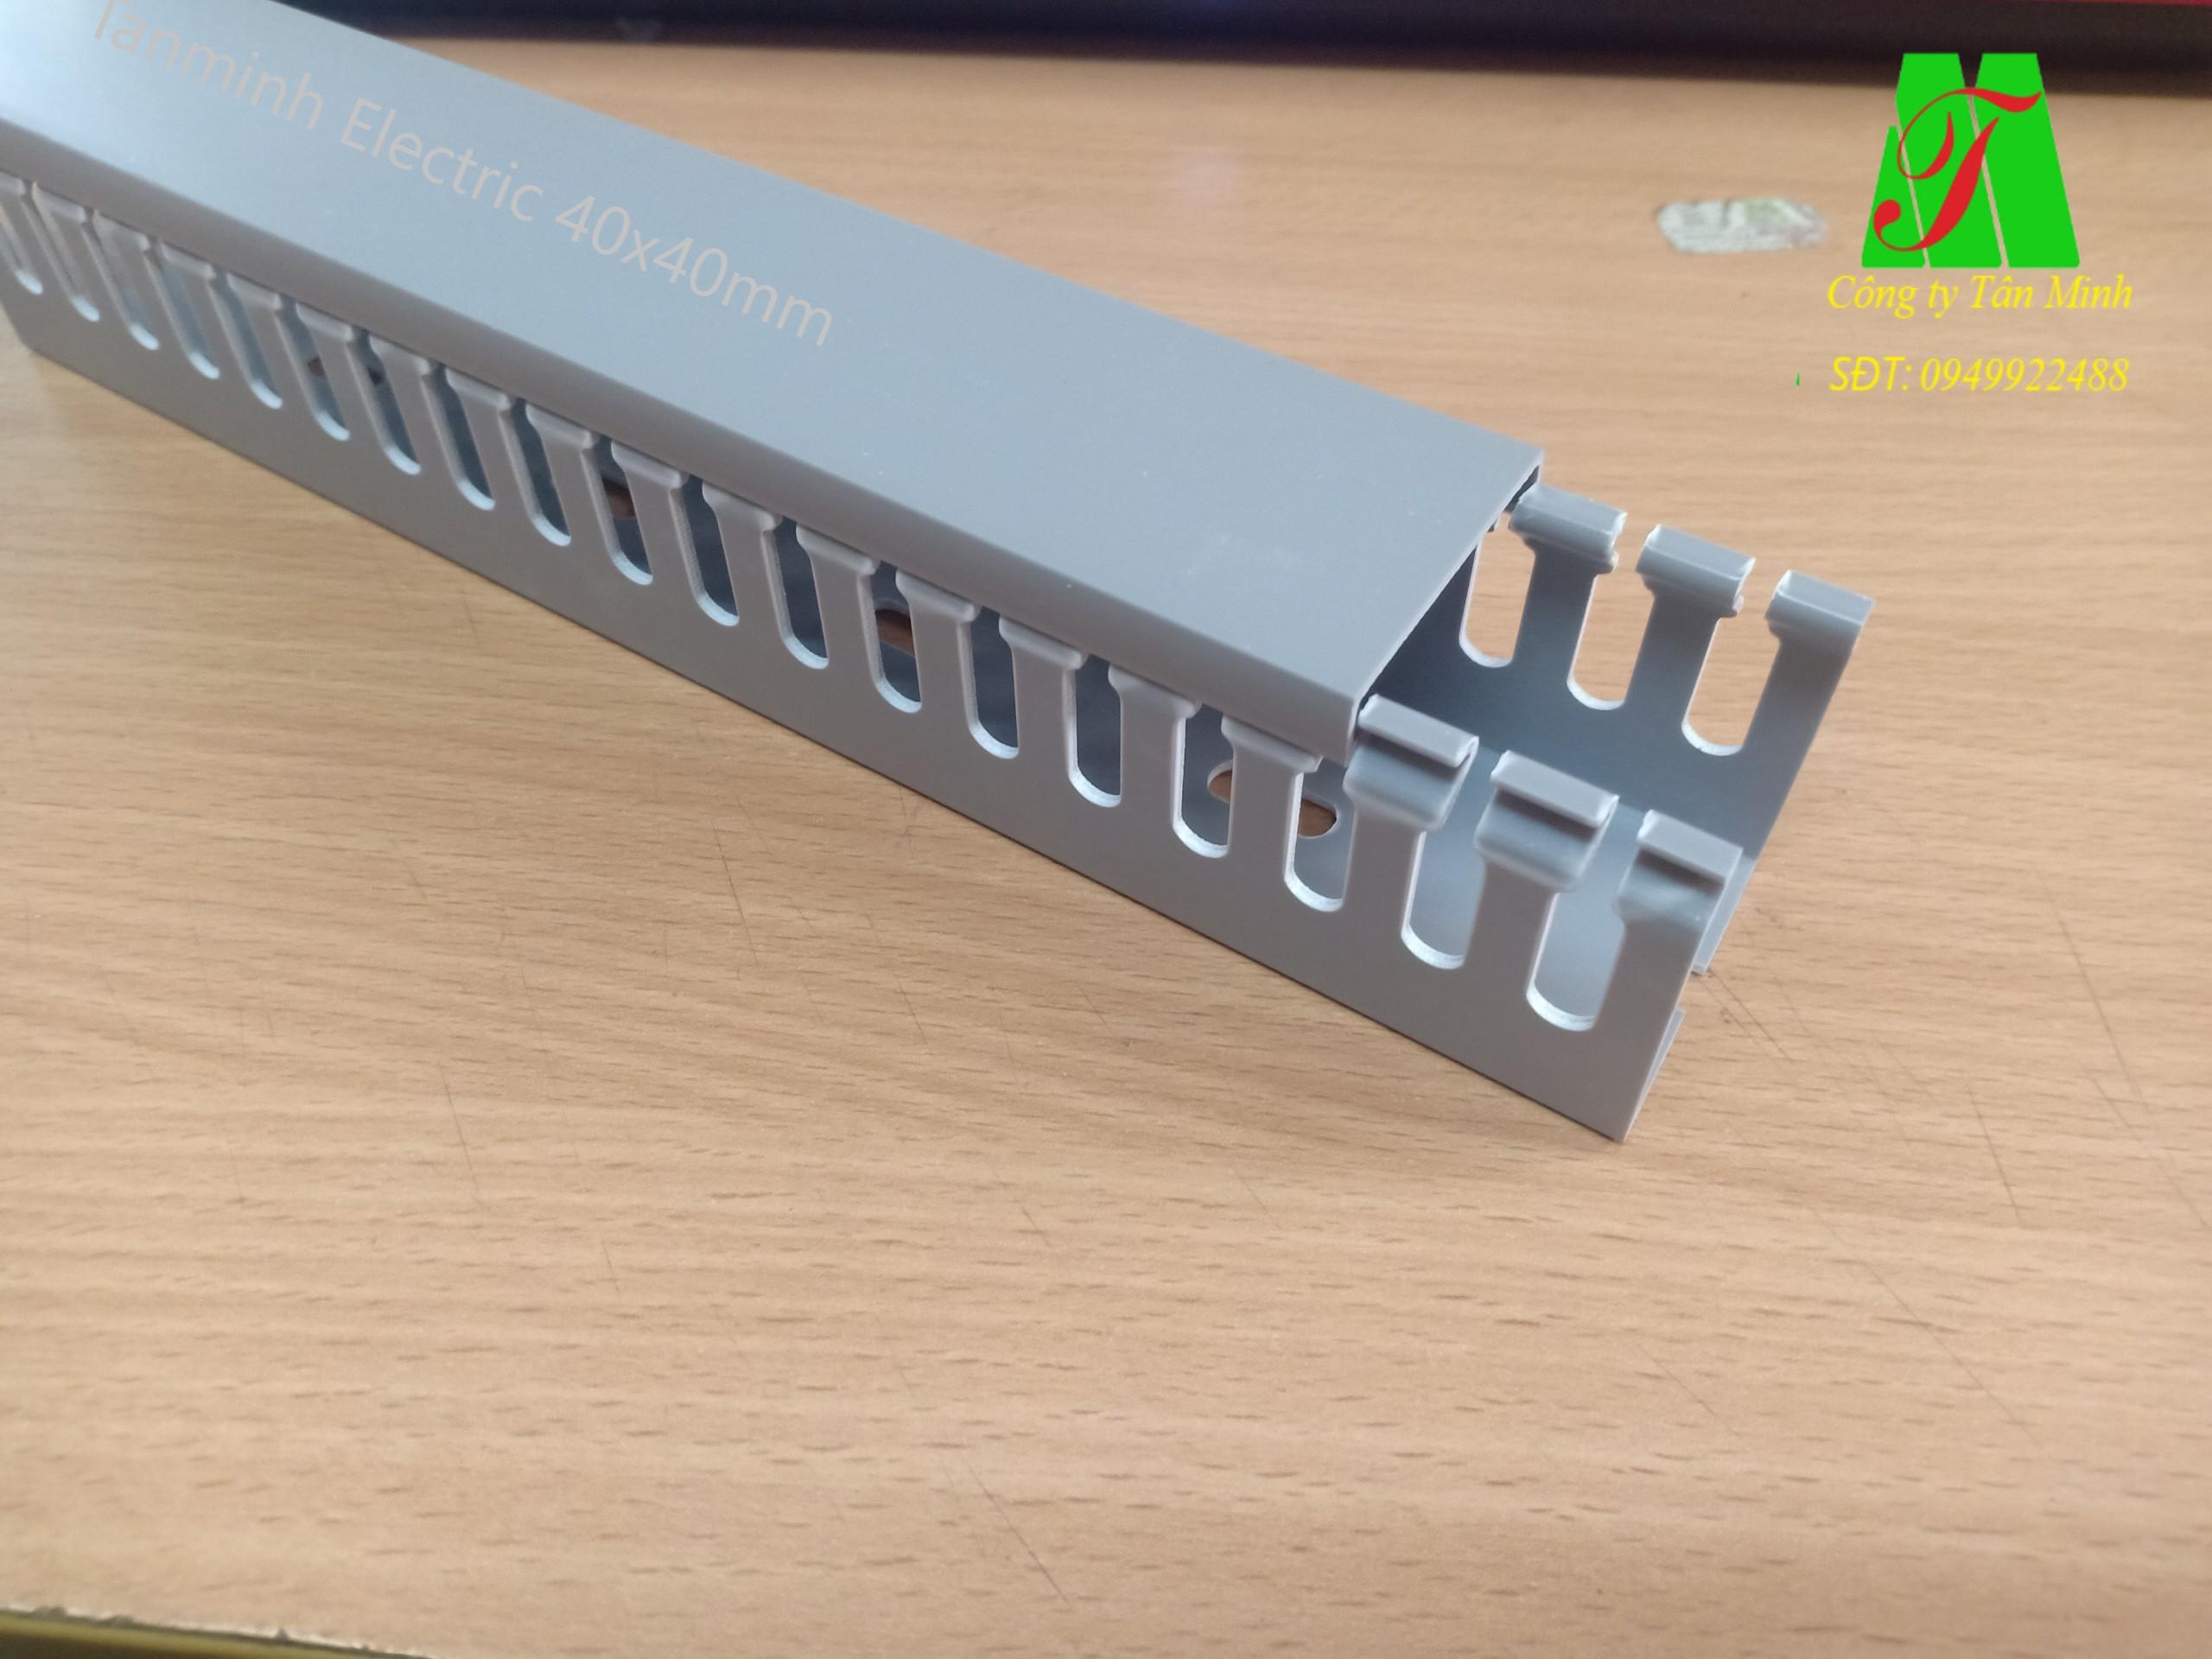 Máng nhựa Tanminh Electric 40x40mm